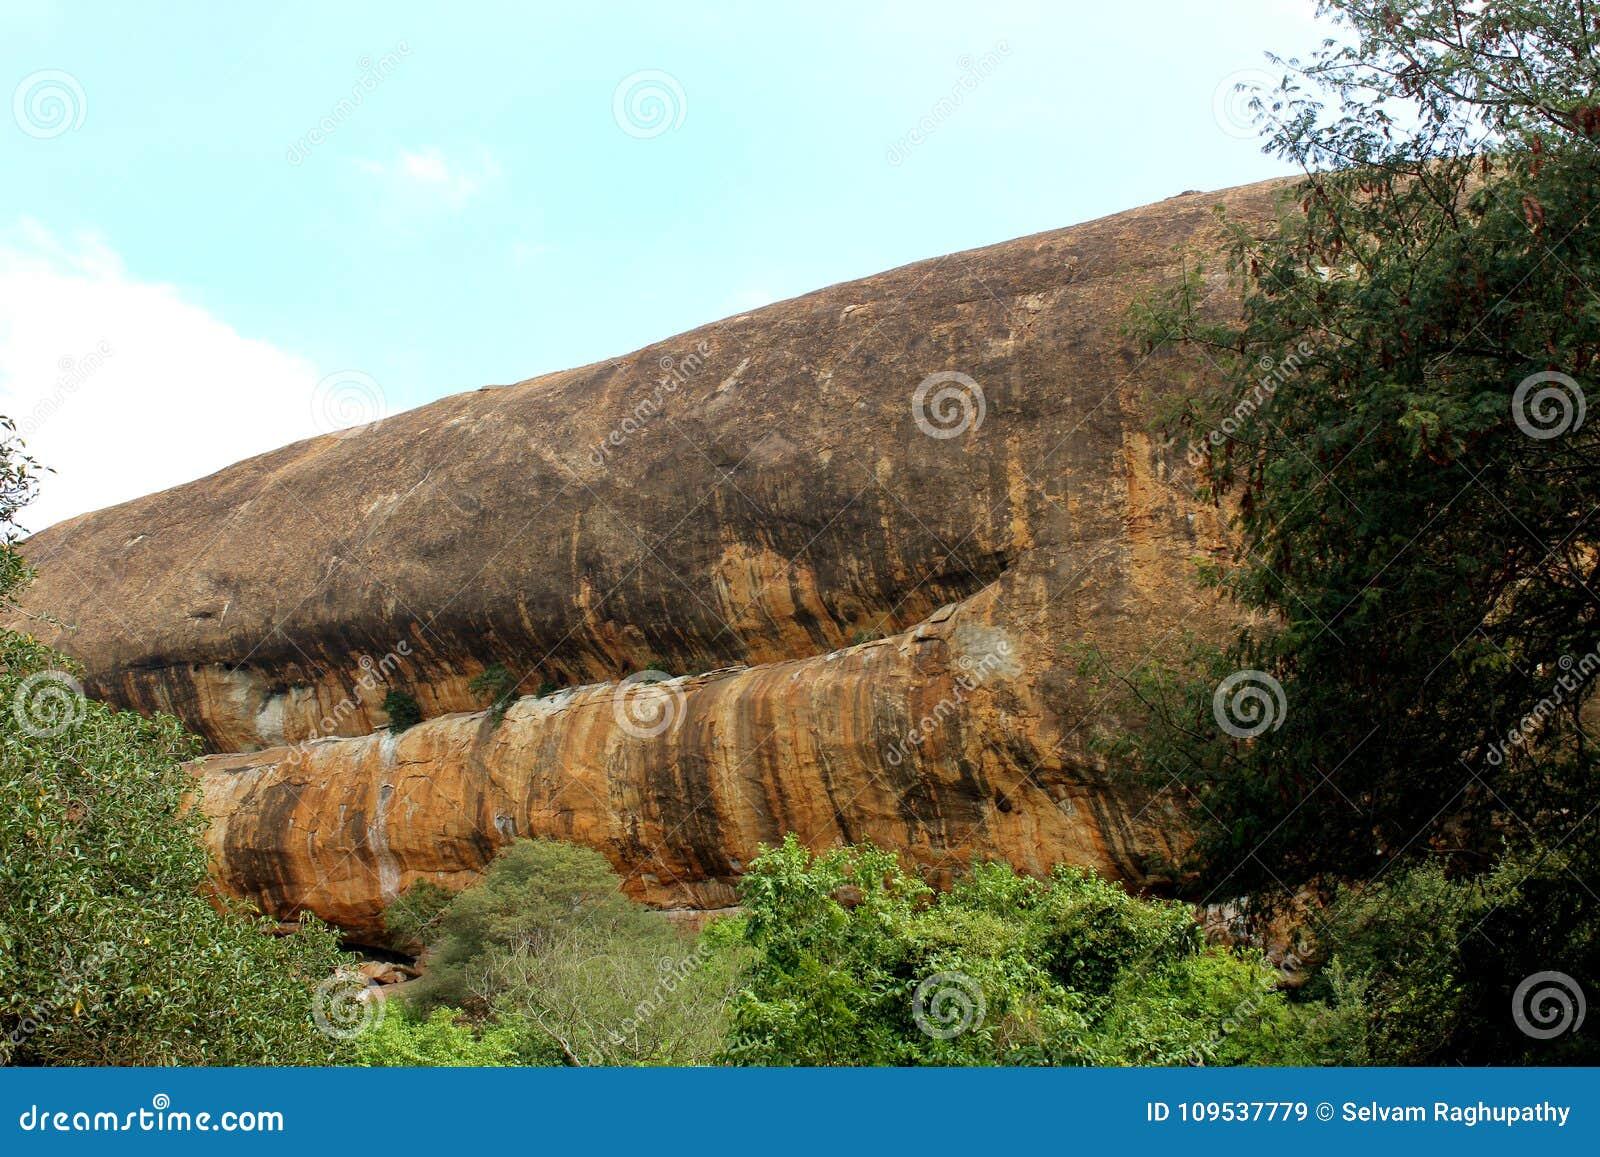 Όμορφες πέτρες λόφων σύστασης του sittanavasal ναού σπηλιών σύνθετου